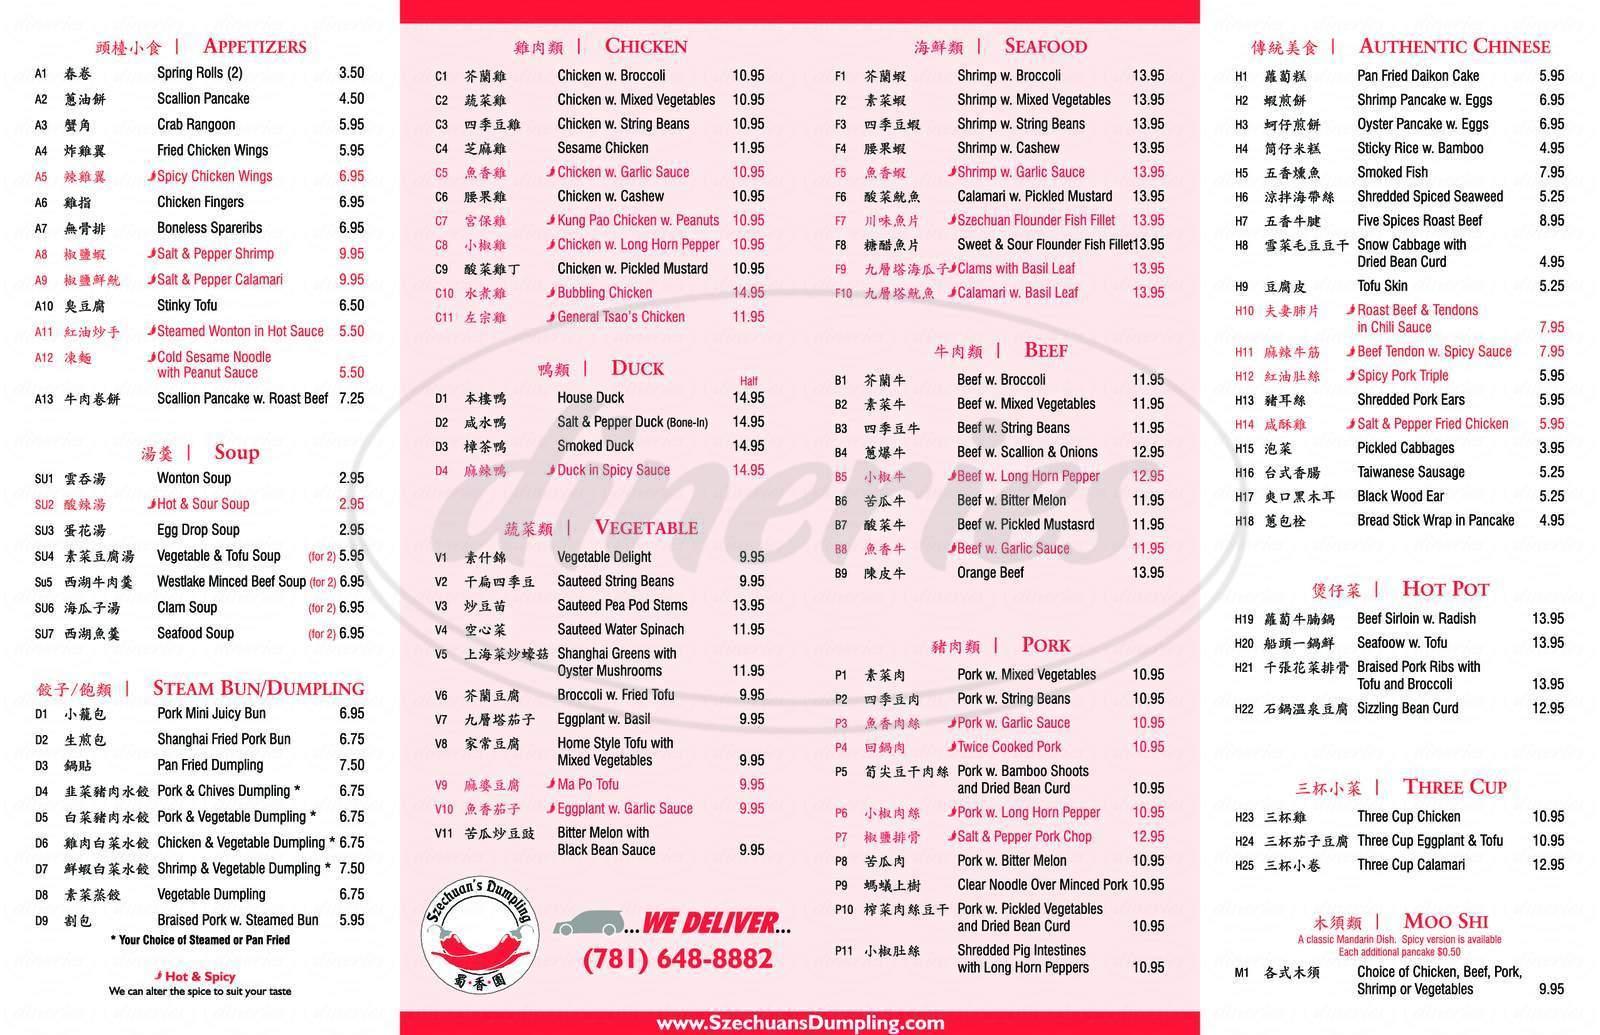 menu for Szechuan's Dumpling